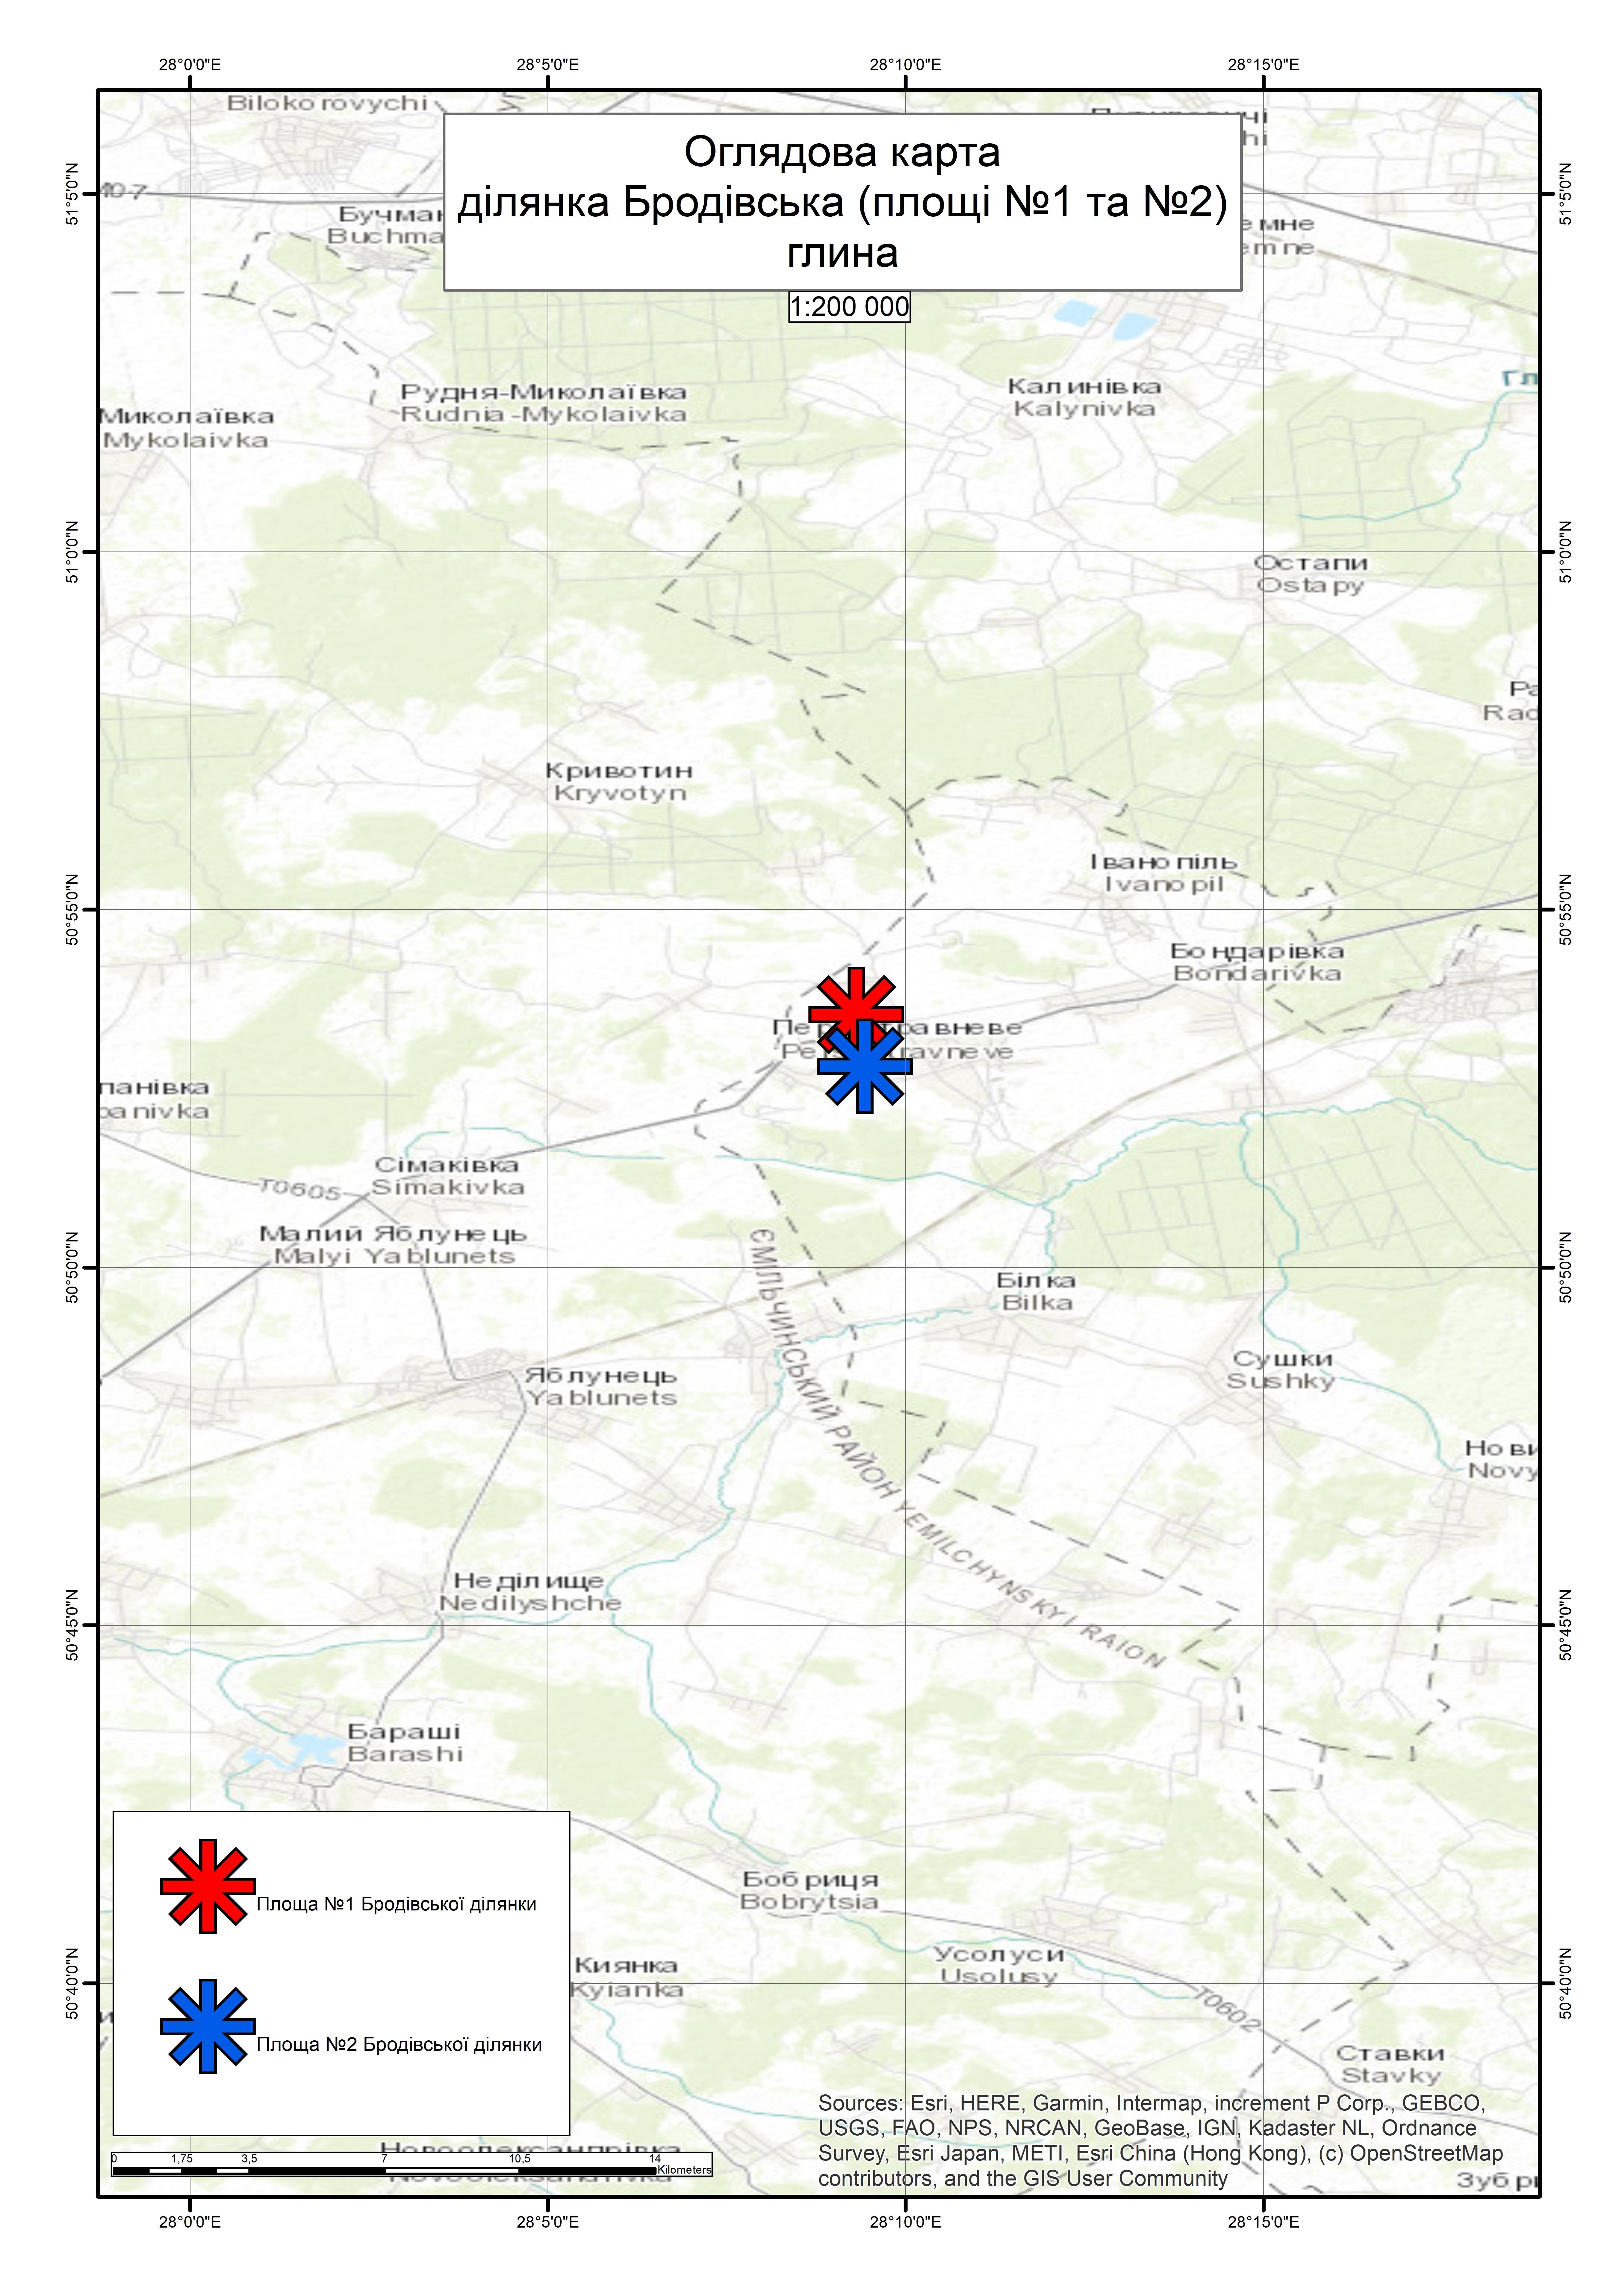 Спеціальний дозвіл на користування надрами – Ділянка Бродівська (площі № 1 та № 2). Вартість геологічної інформації – 100 970,41 грн (з ПДВ). Вартість пакету аукціонної документації – 4 500 грн (з ПДВ).